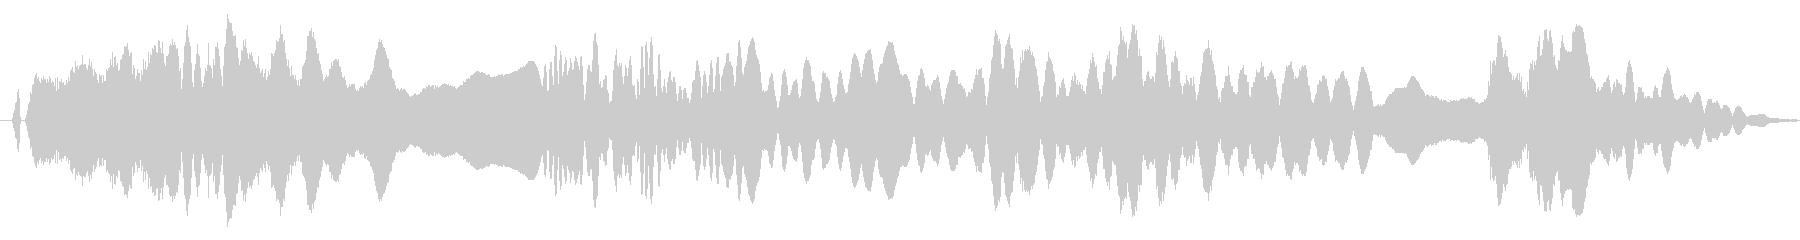 よお〜!ドン!/和風/歌舞伎ジングル01の未再生の波形